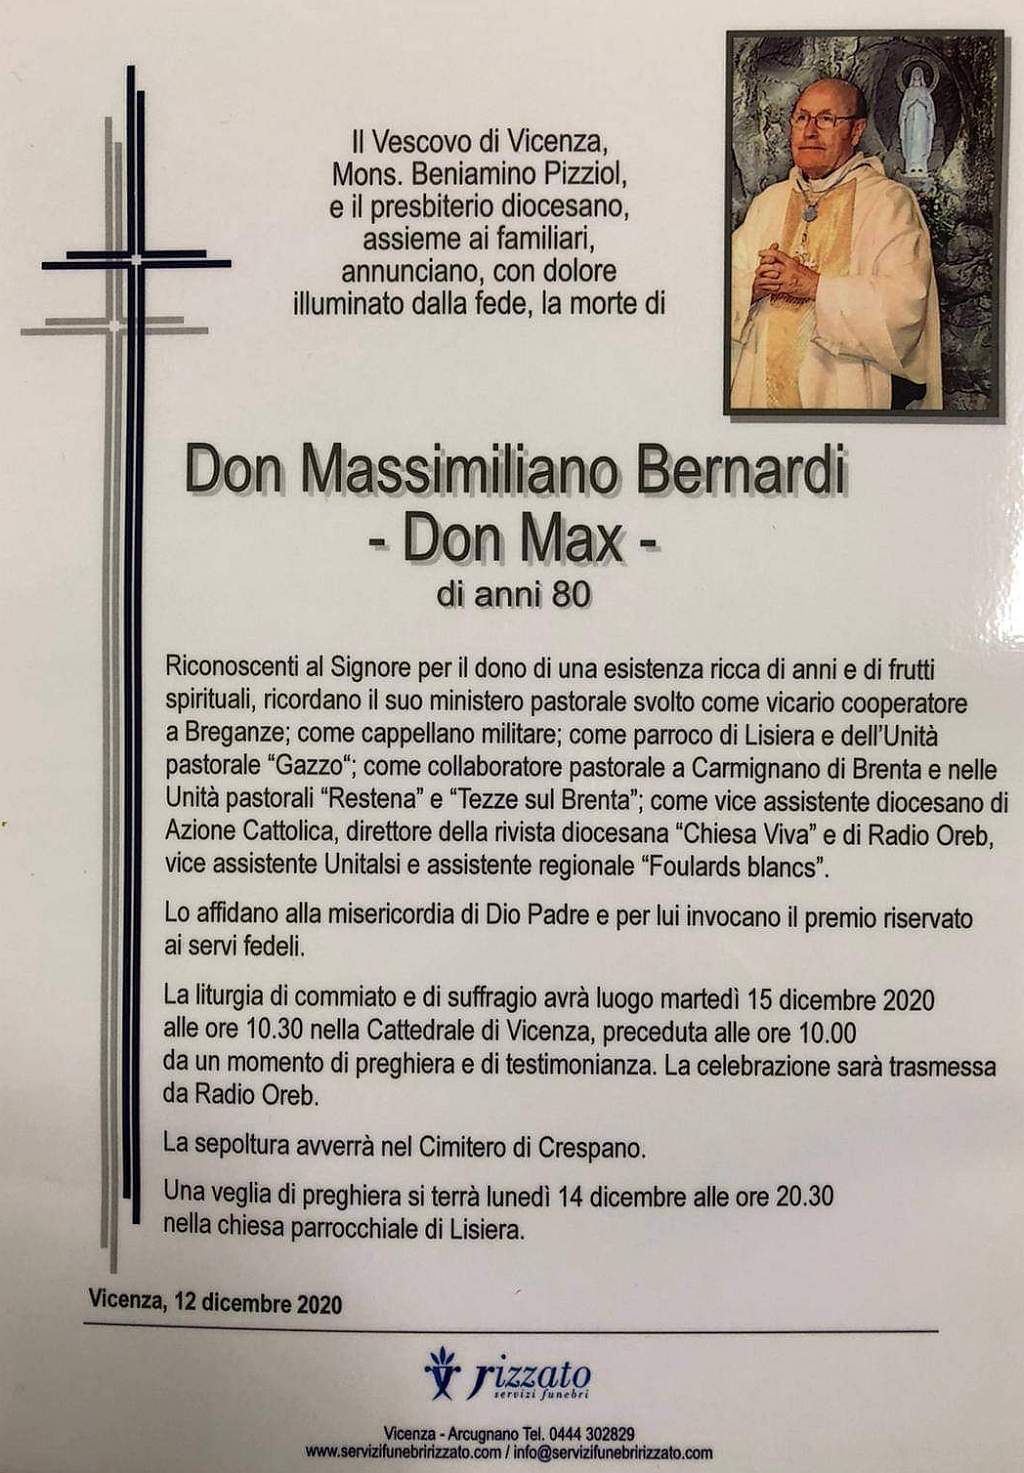 Si è spento 11 dicembre 2020 a Vicenza Don Massimiliano Bernardi (Don Max)